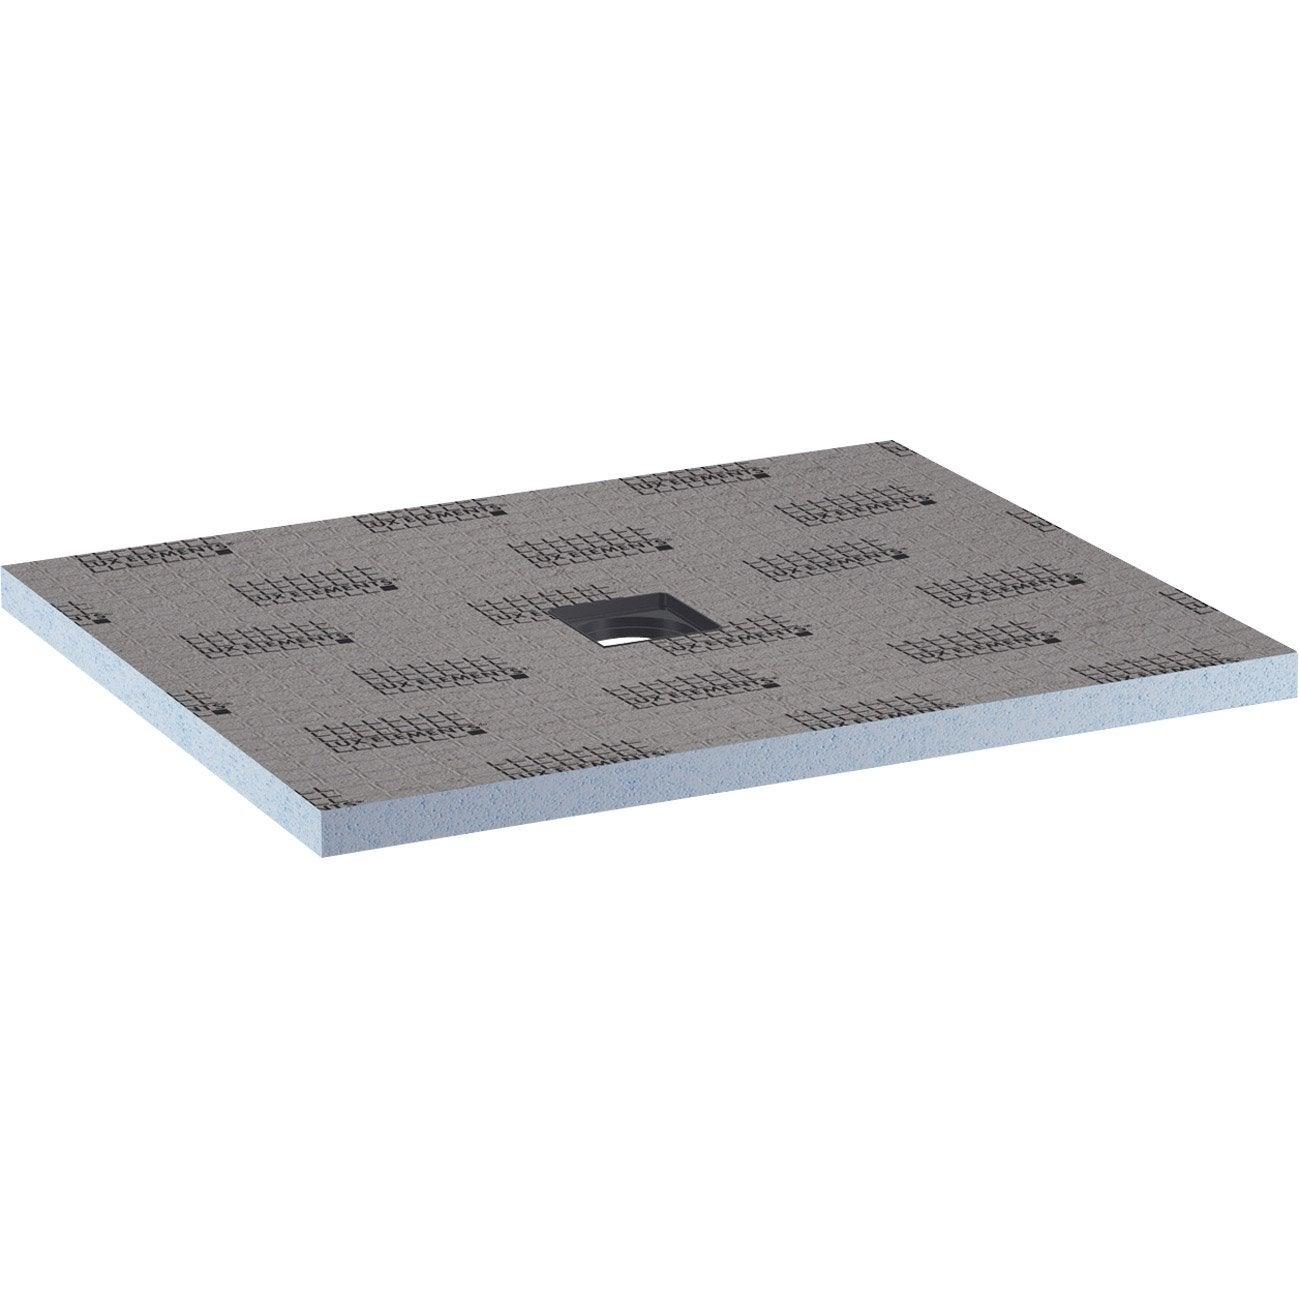 receveur de douche carreler rectangulaire l120 x l90 cm lux elements pack - Plan A Carreler Salle De Bain